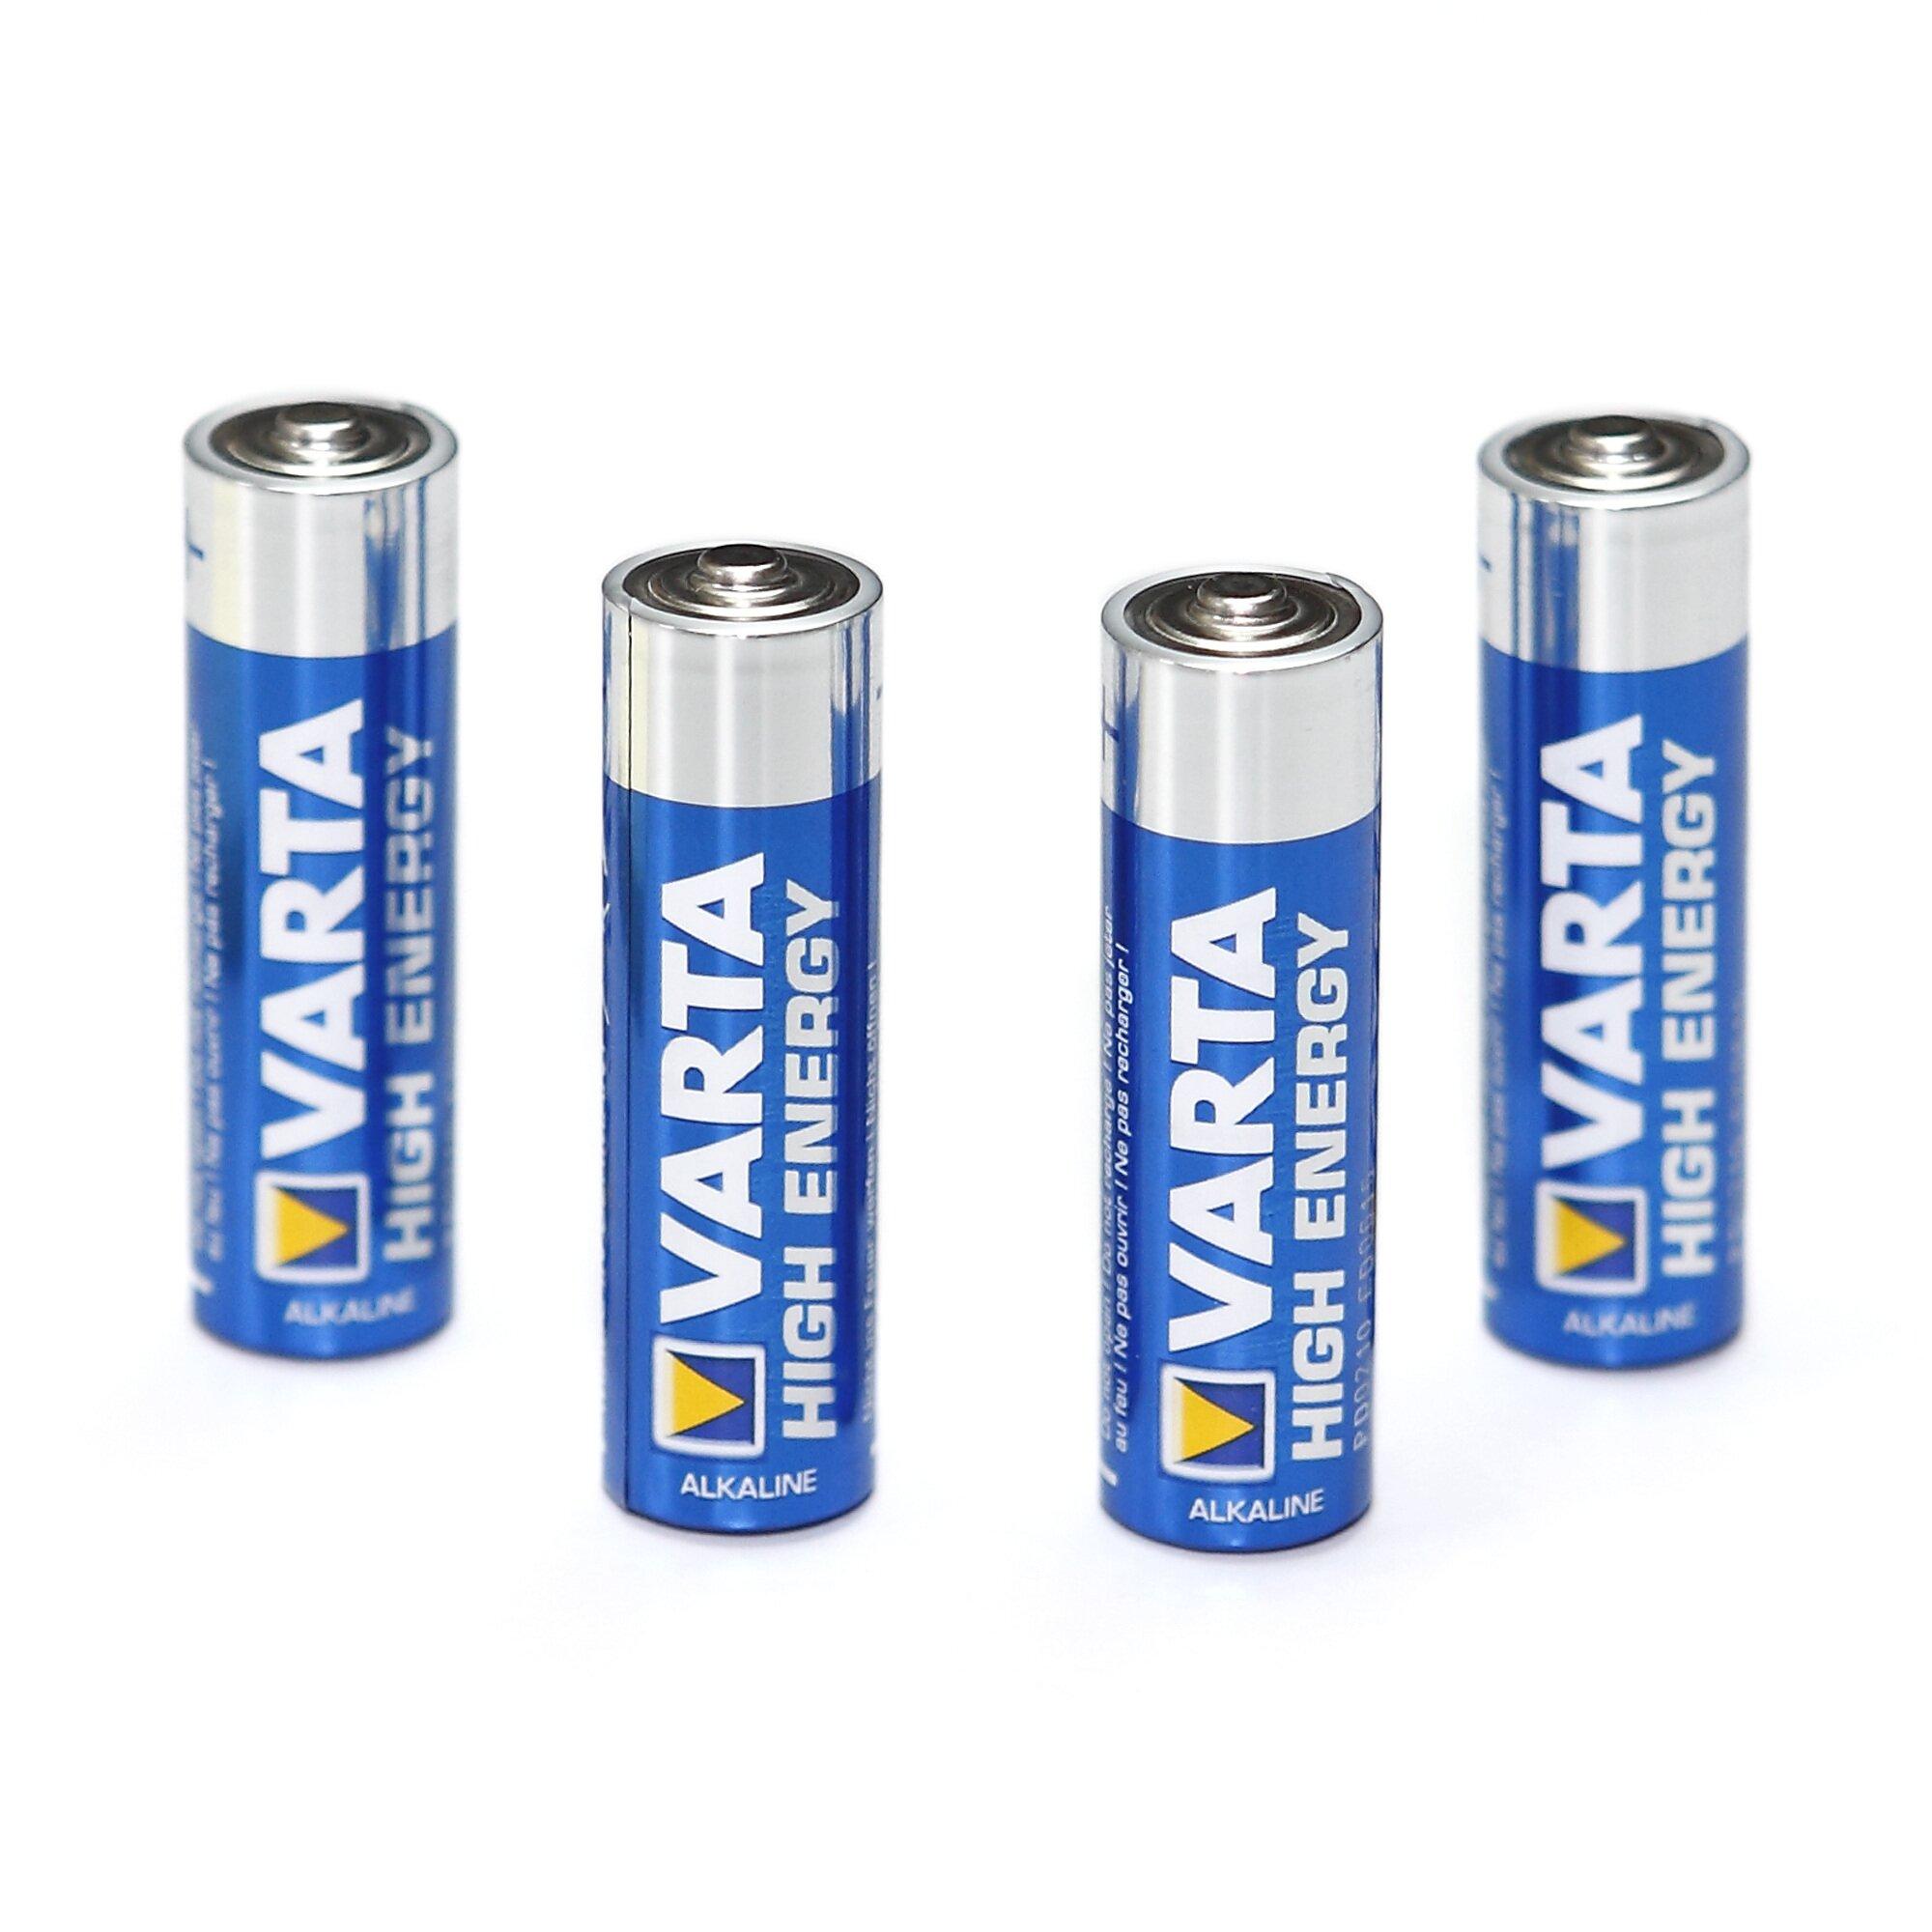 varta-alkaline-batterien